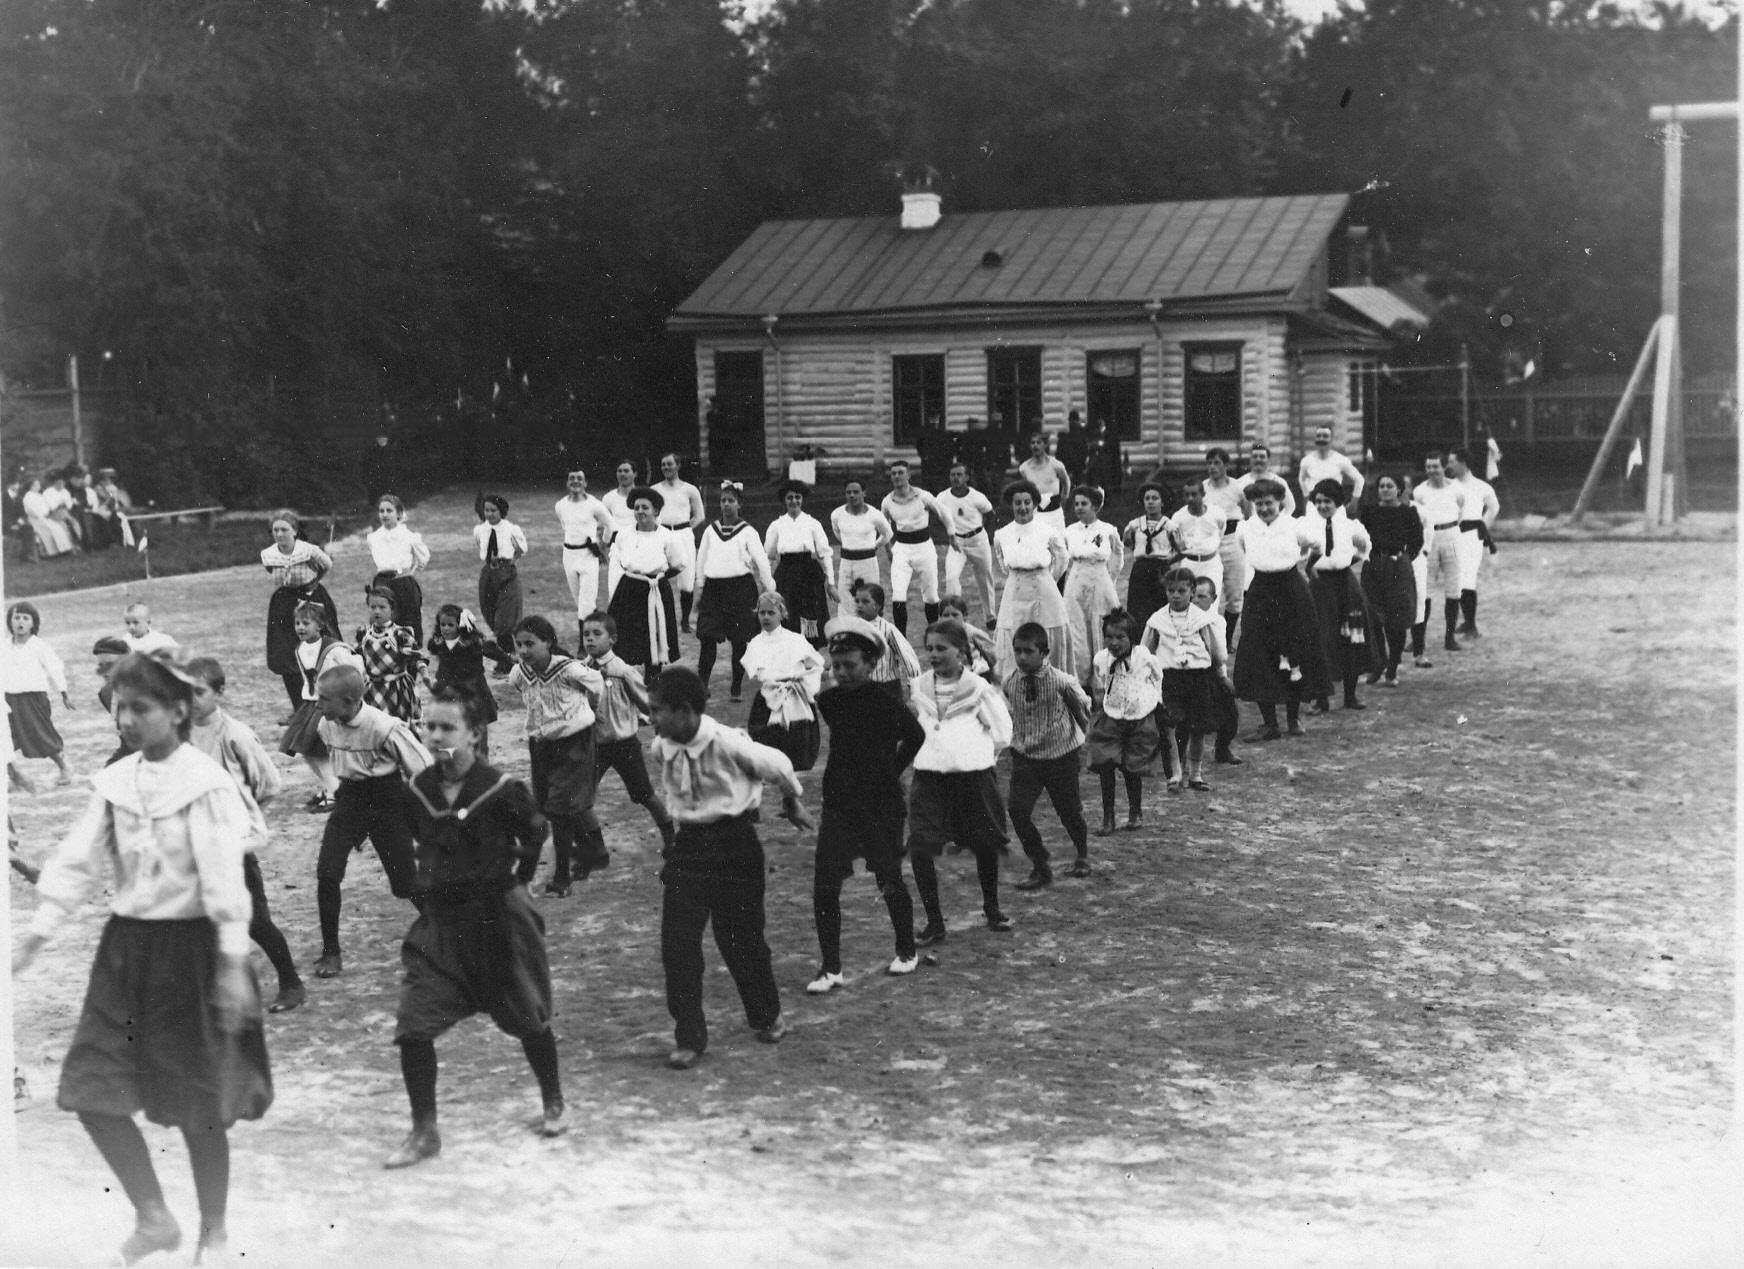 Группа детей и взрослых членов Гимнастического общества Пальма на занятиях гимнастикой